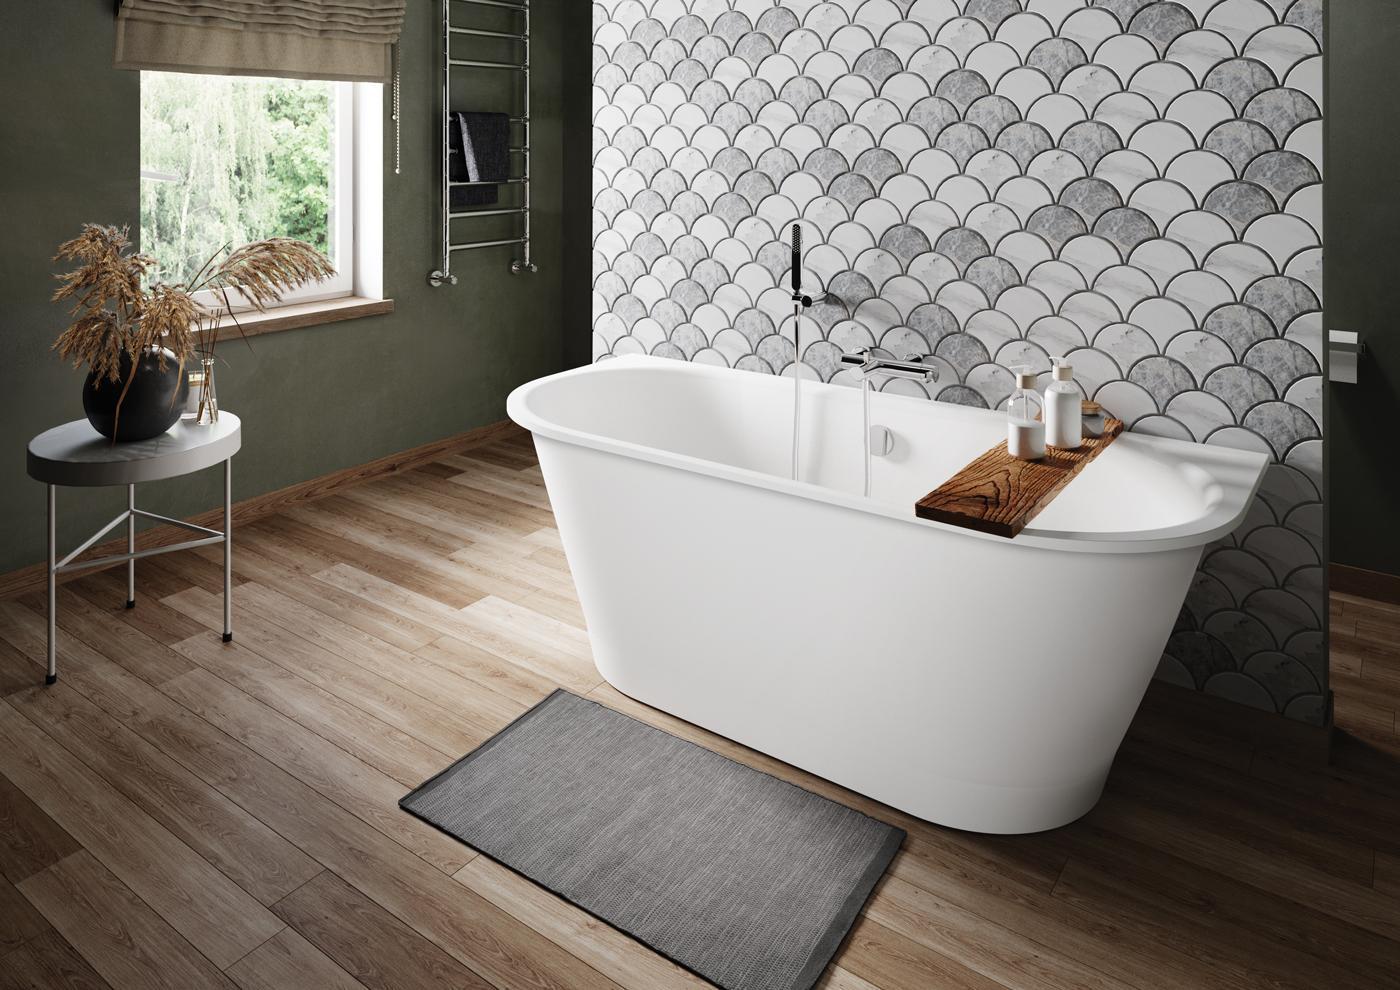 Natūralu, kad vonios įranga reikalauja didesnių investicijų nei įprastos prekės, tad norisi, kad šie gaminiai būtų itin kokybiški ir tarnautų ilgus metus – būtent dėl to daug dėmesio skiriame kiekvienam kriterijui.